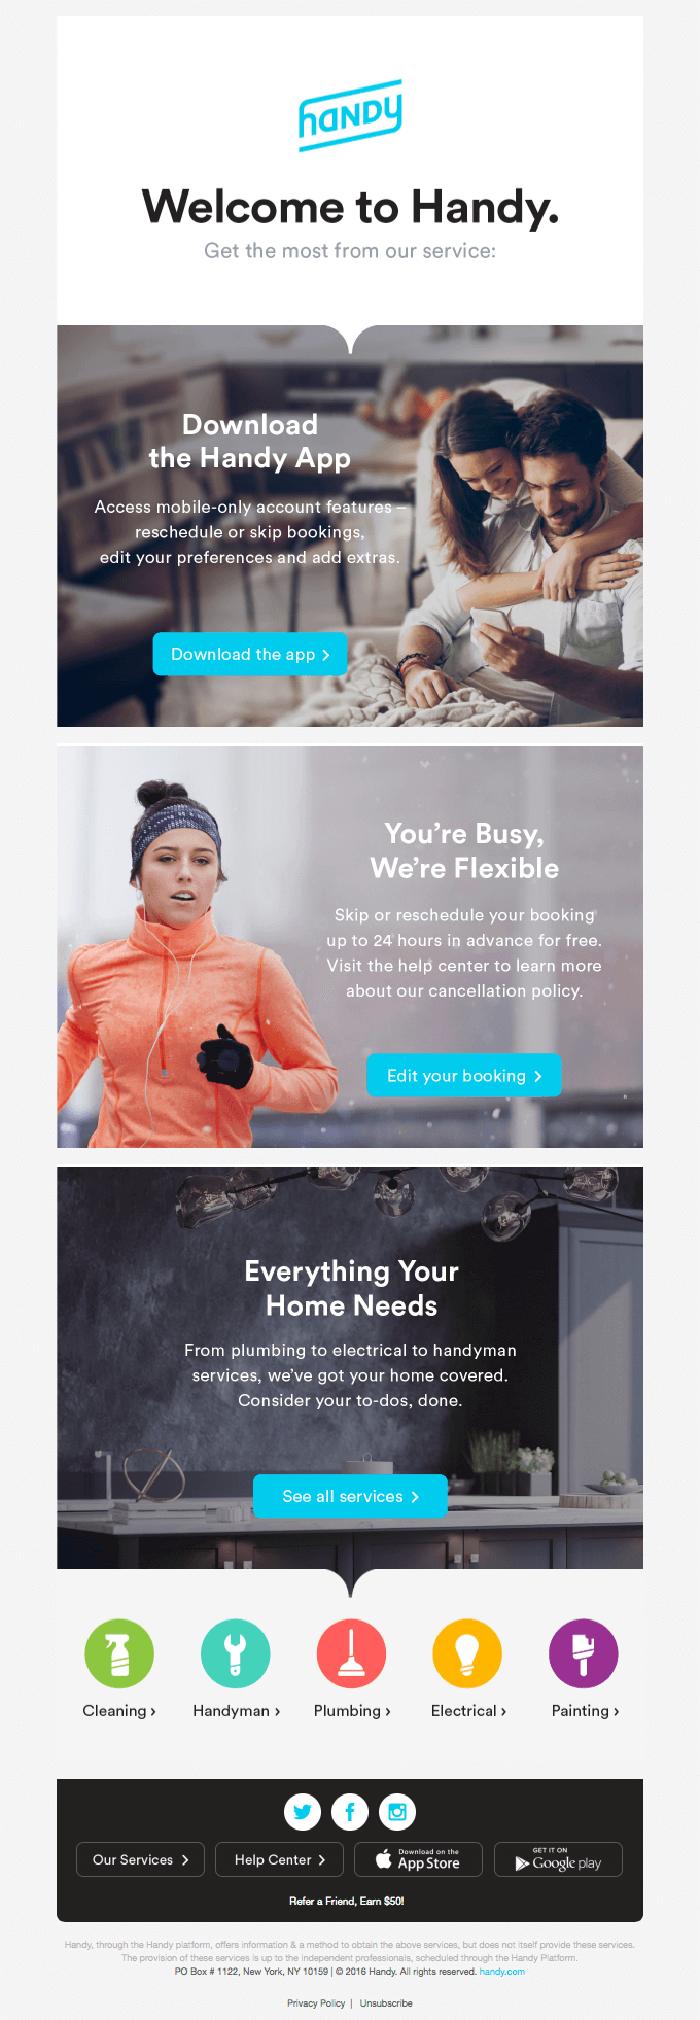 Focus on email design